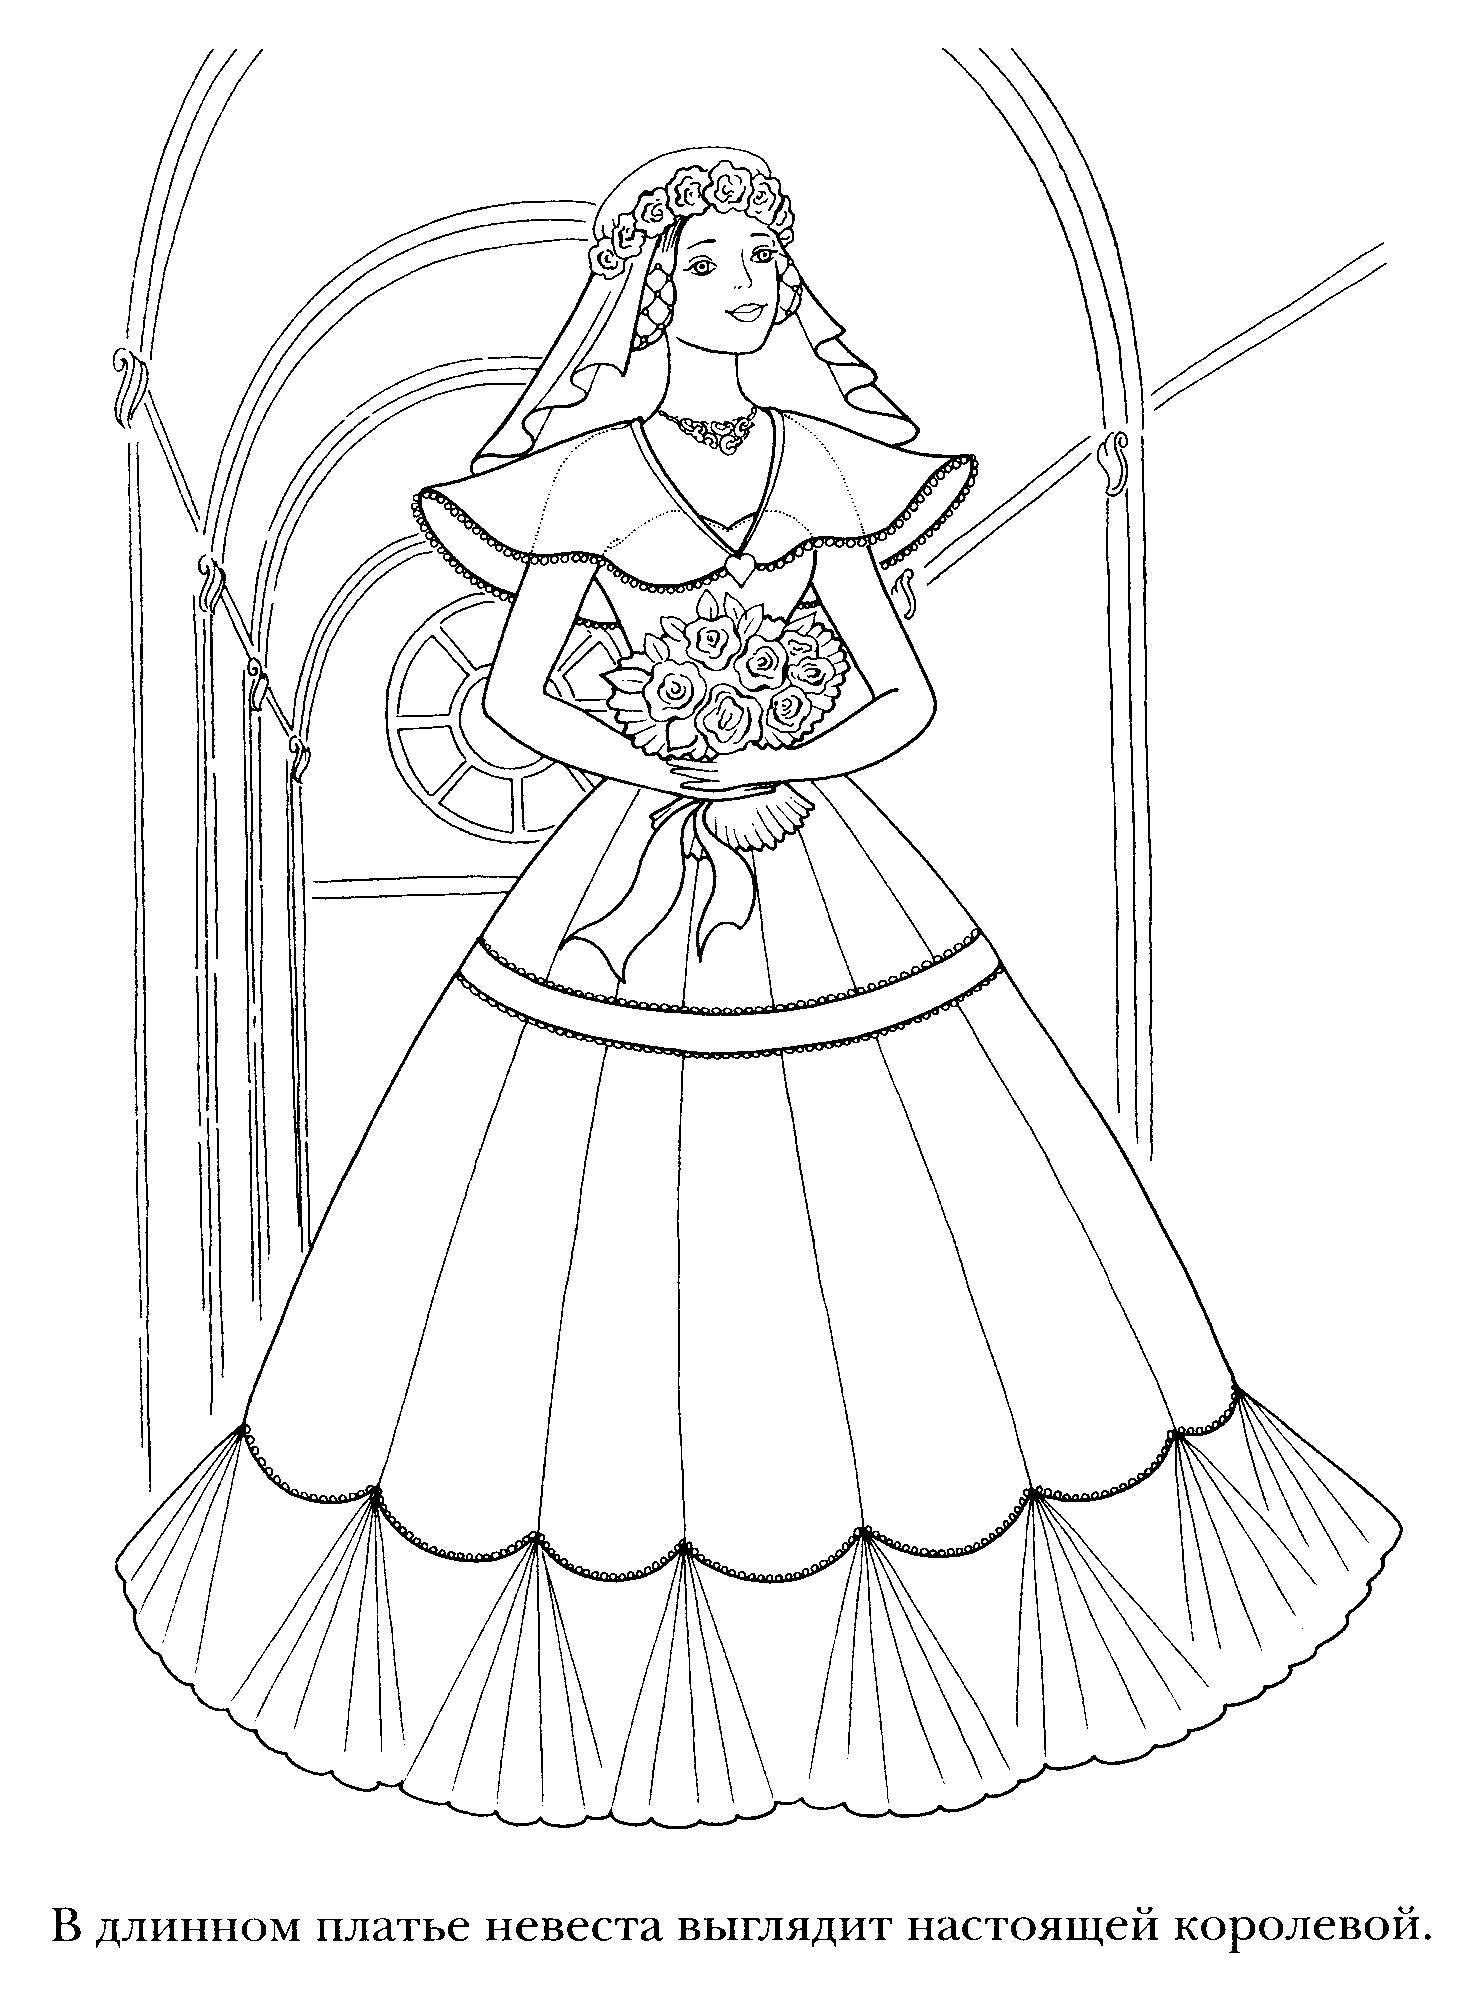 Платье невесты Раскраски цветы скачать